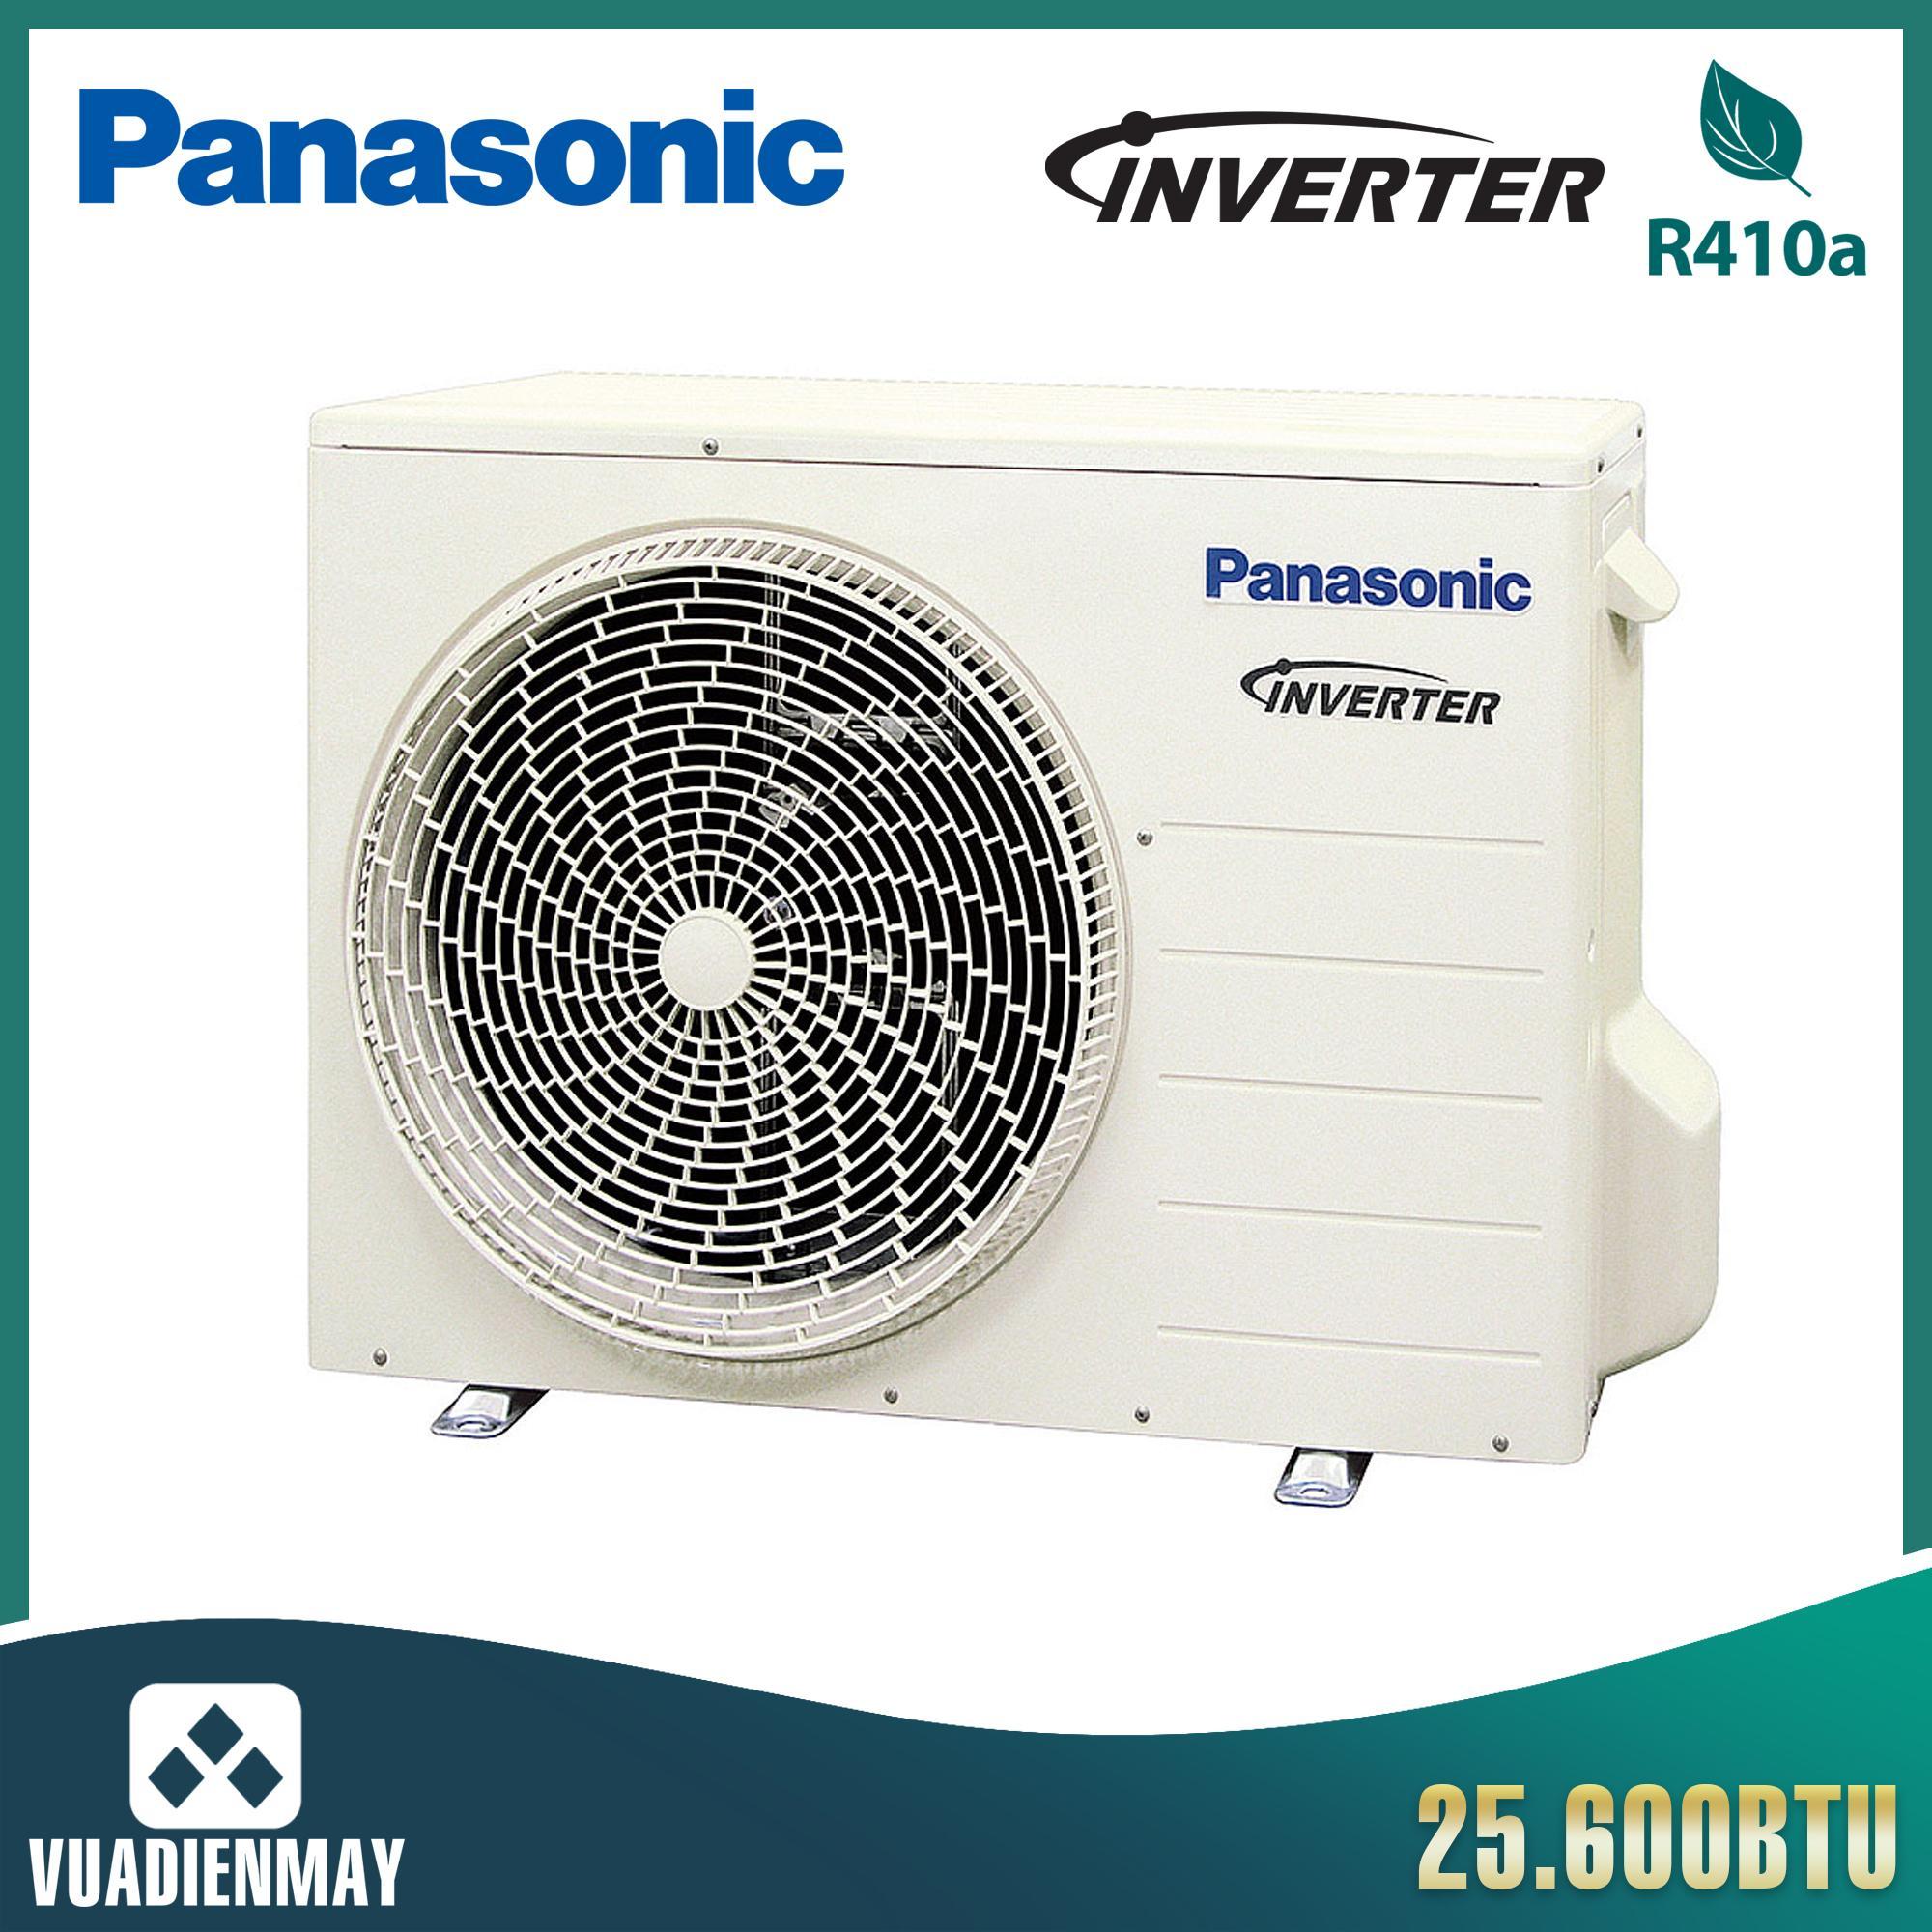 Dàn Nóng Điều hòa multi Panasonic 25.600BTU